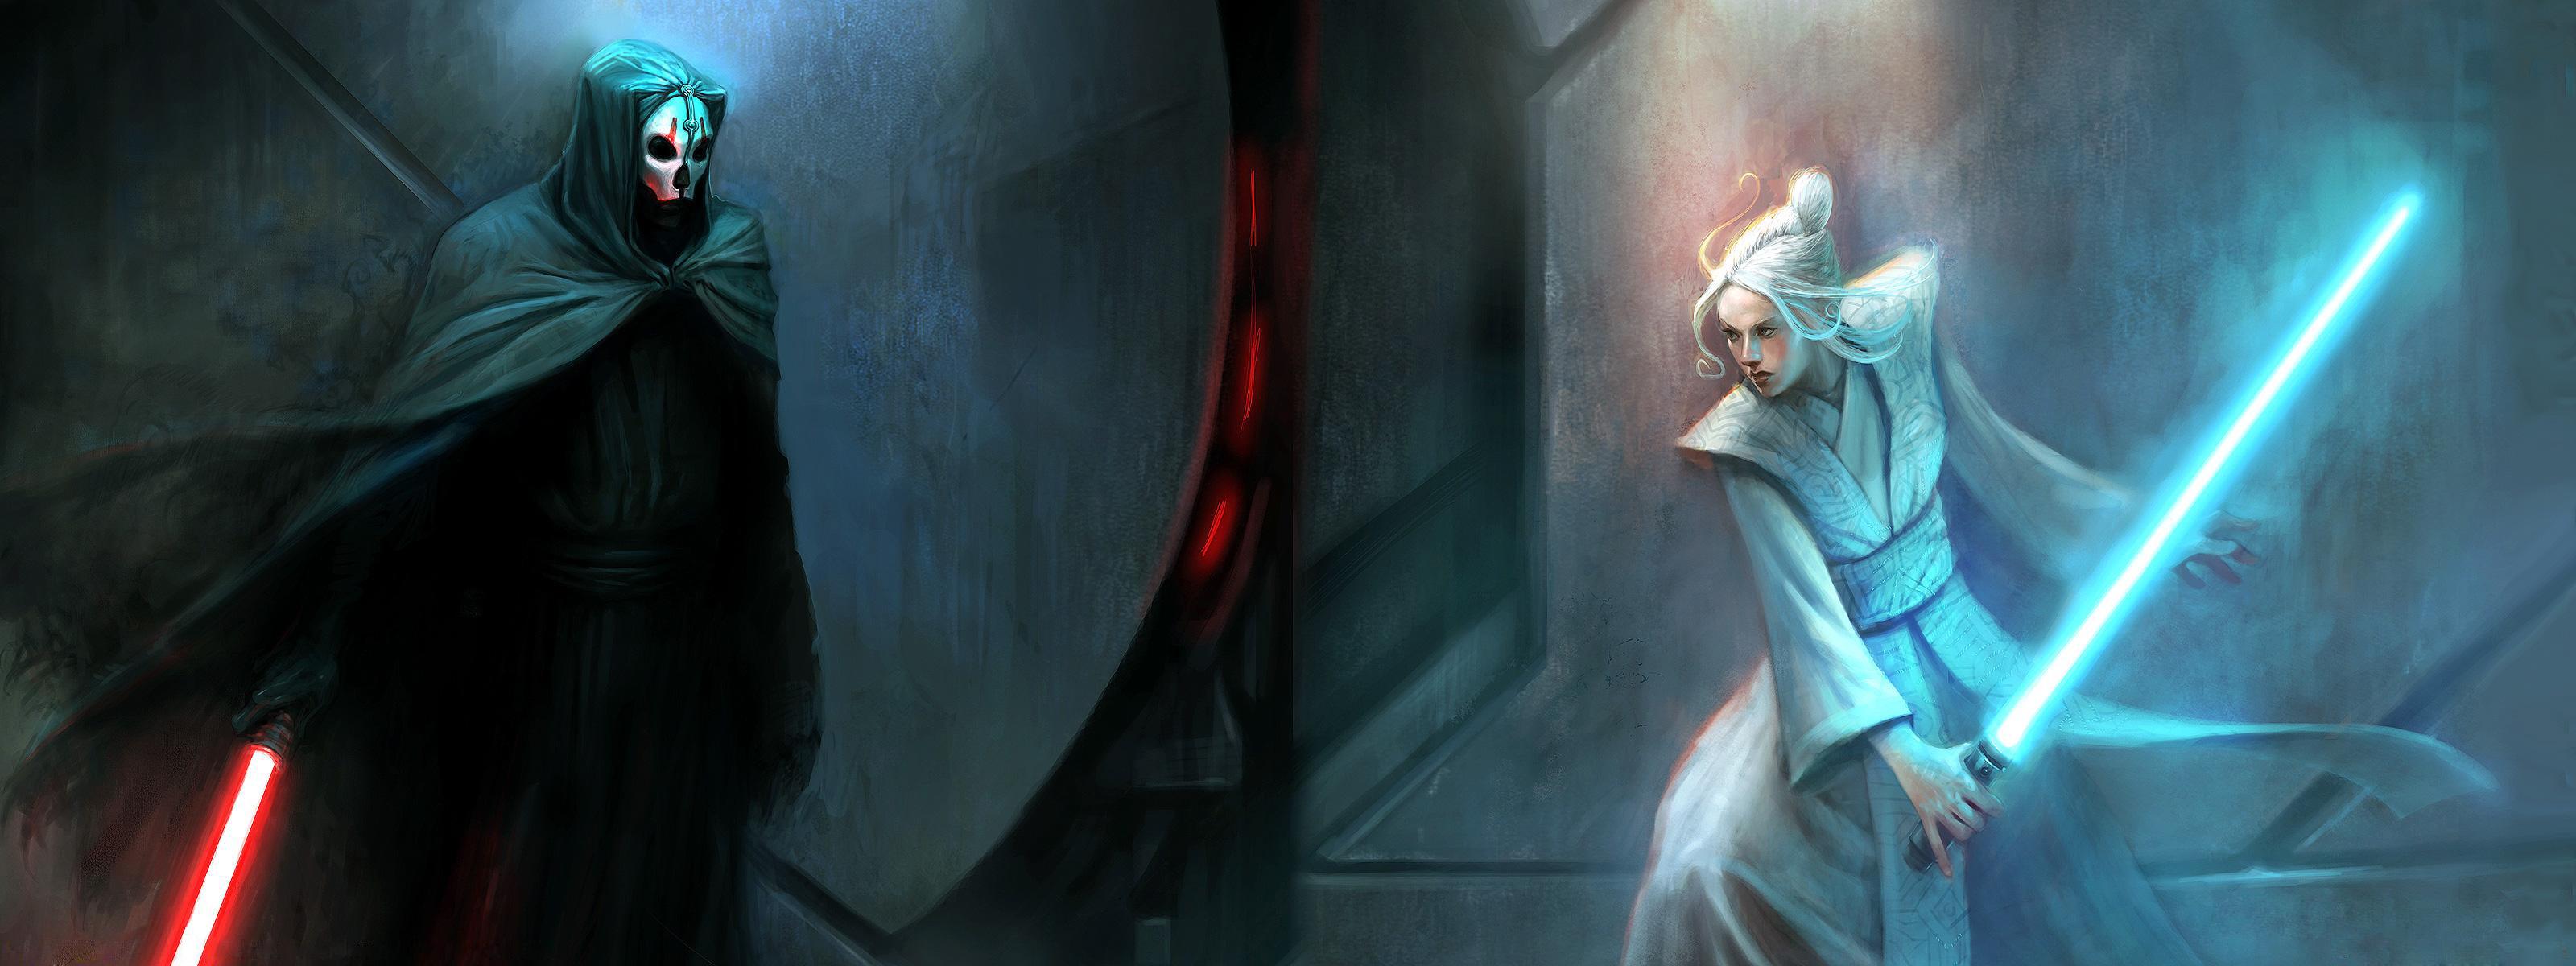 Star Wars Jedi Vs Sith Wallpaper 2 3200x1200